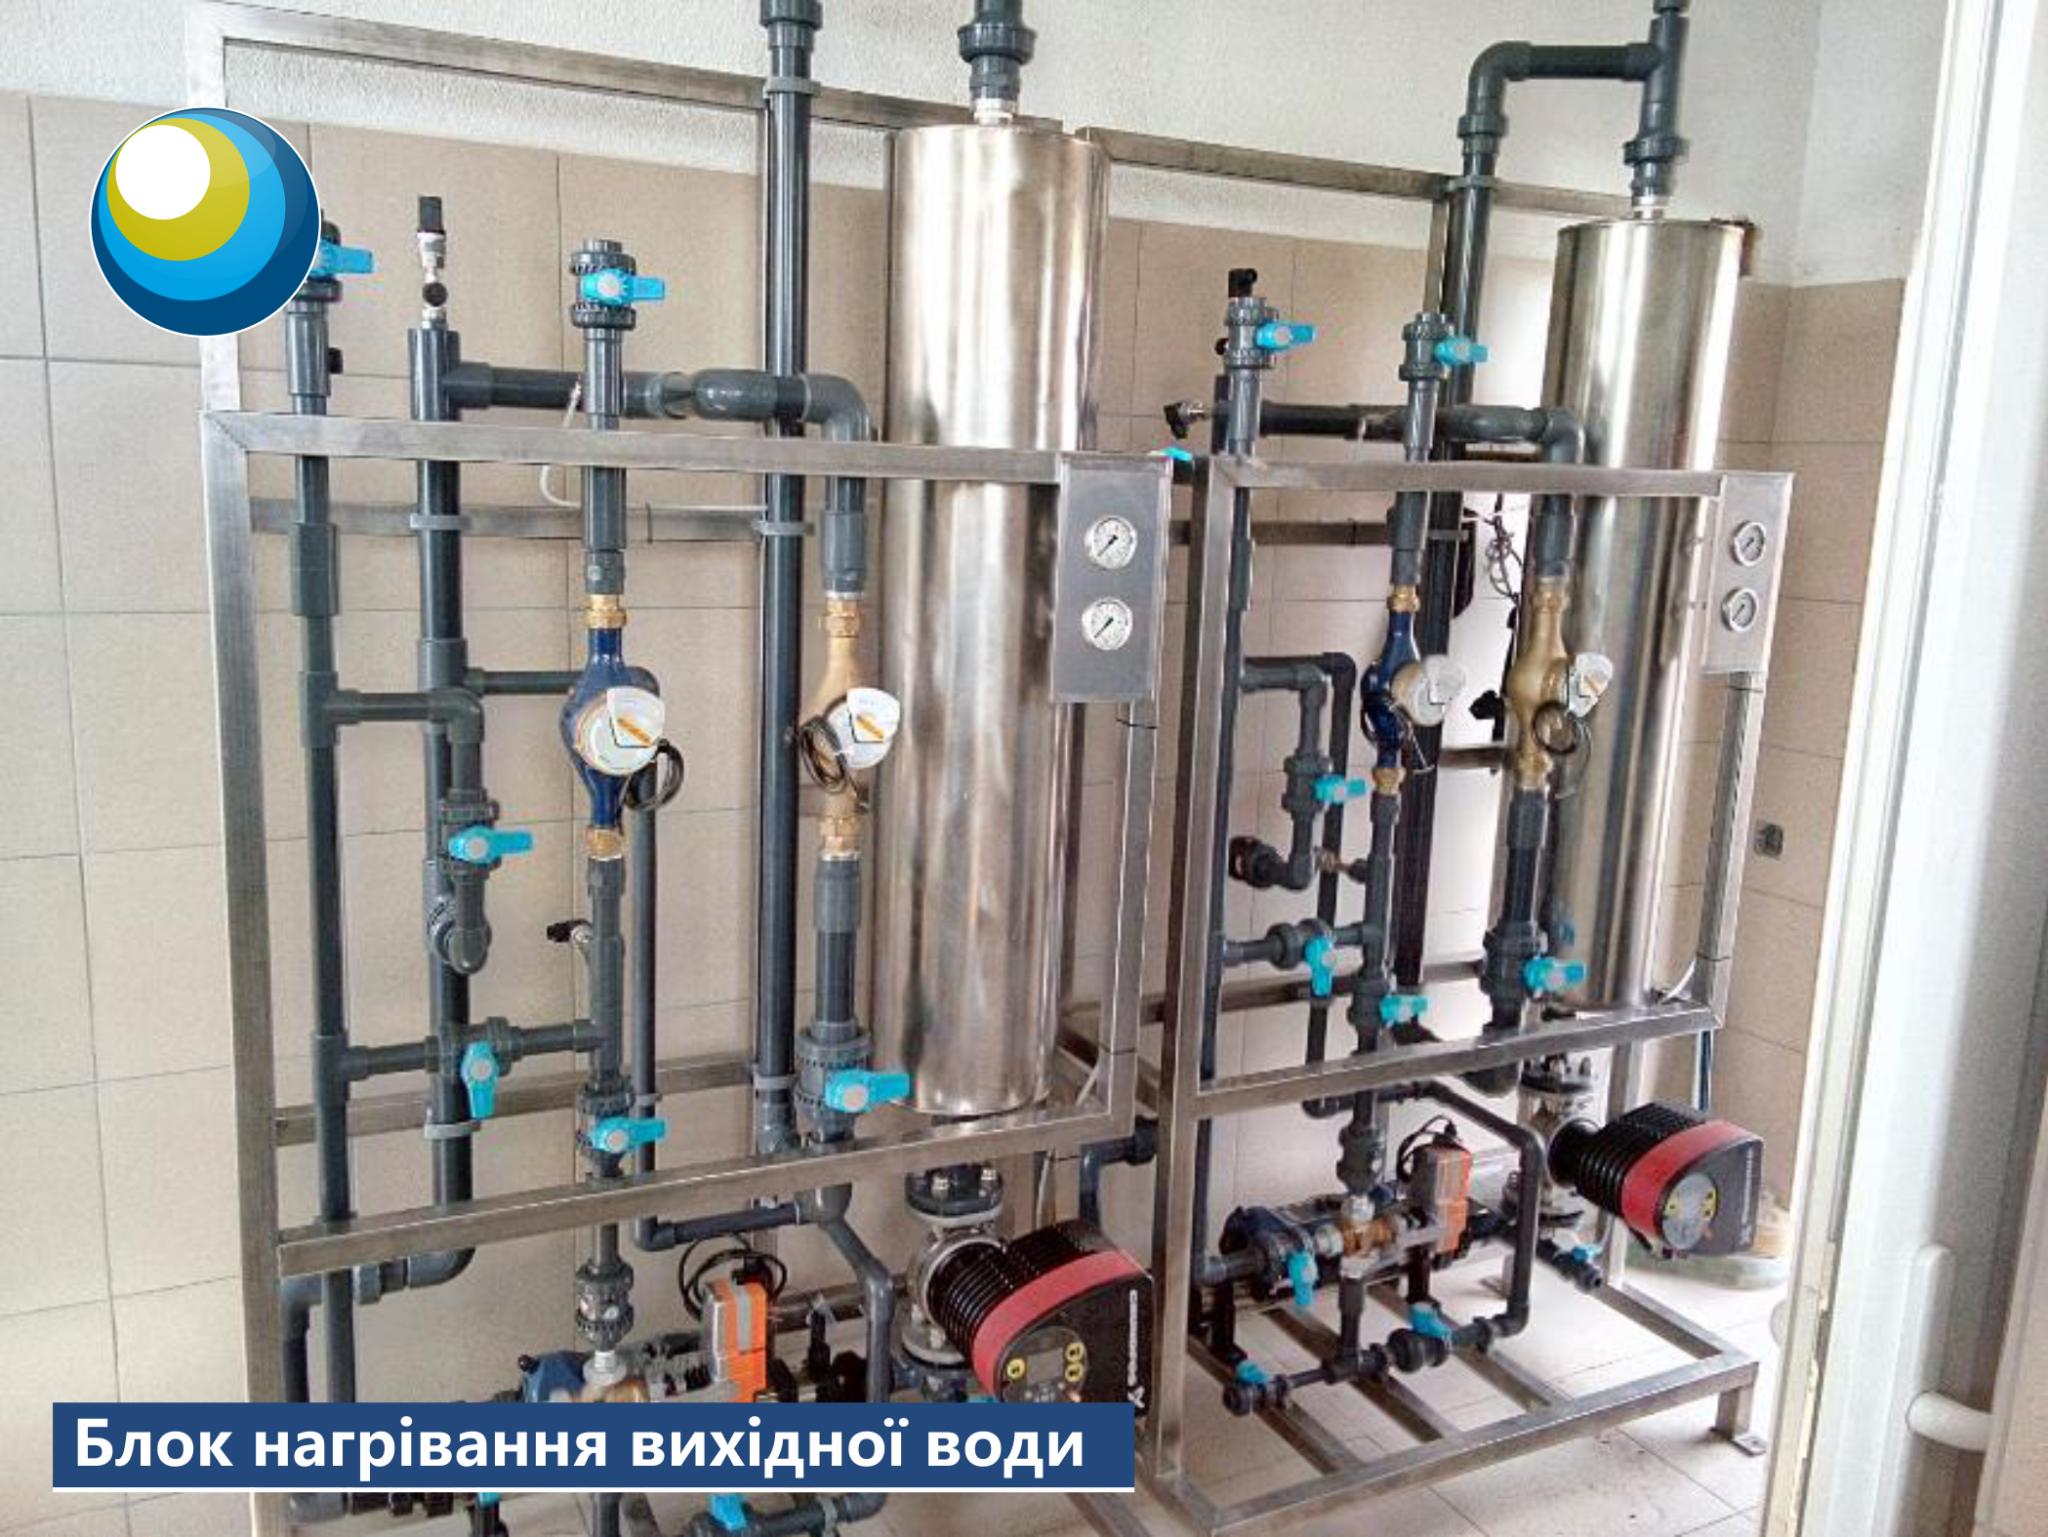 блок нагрівання вихідної води, електролізна установка